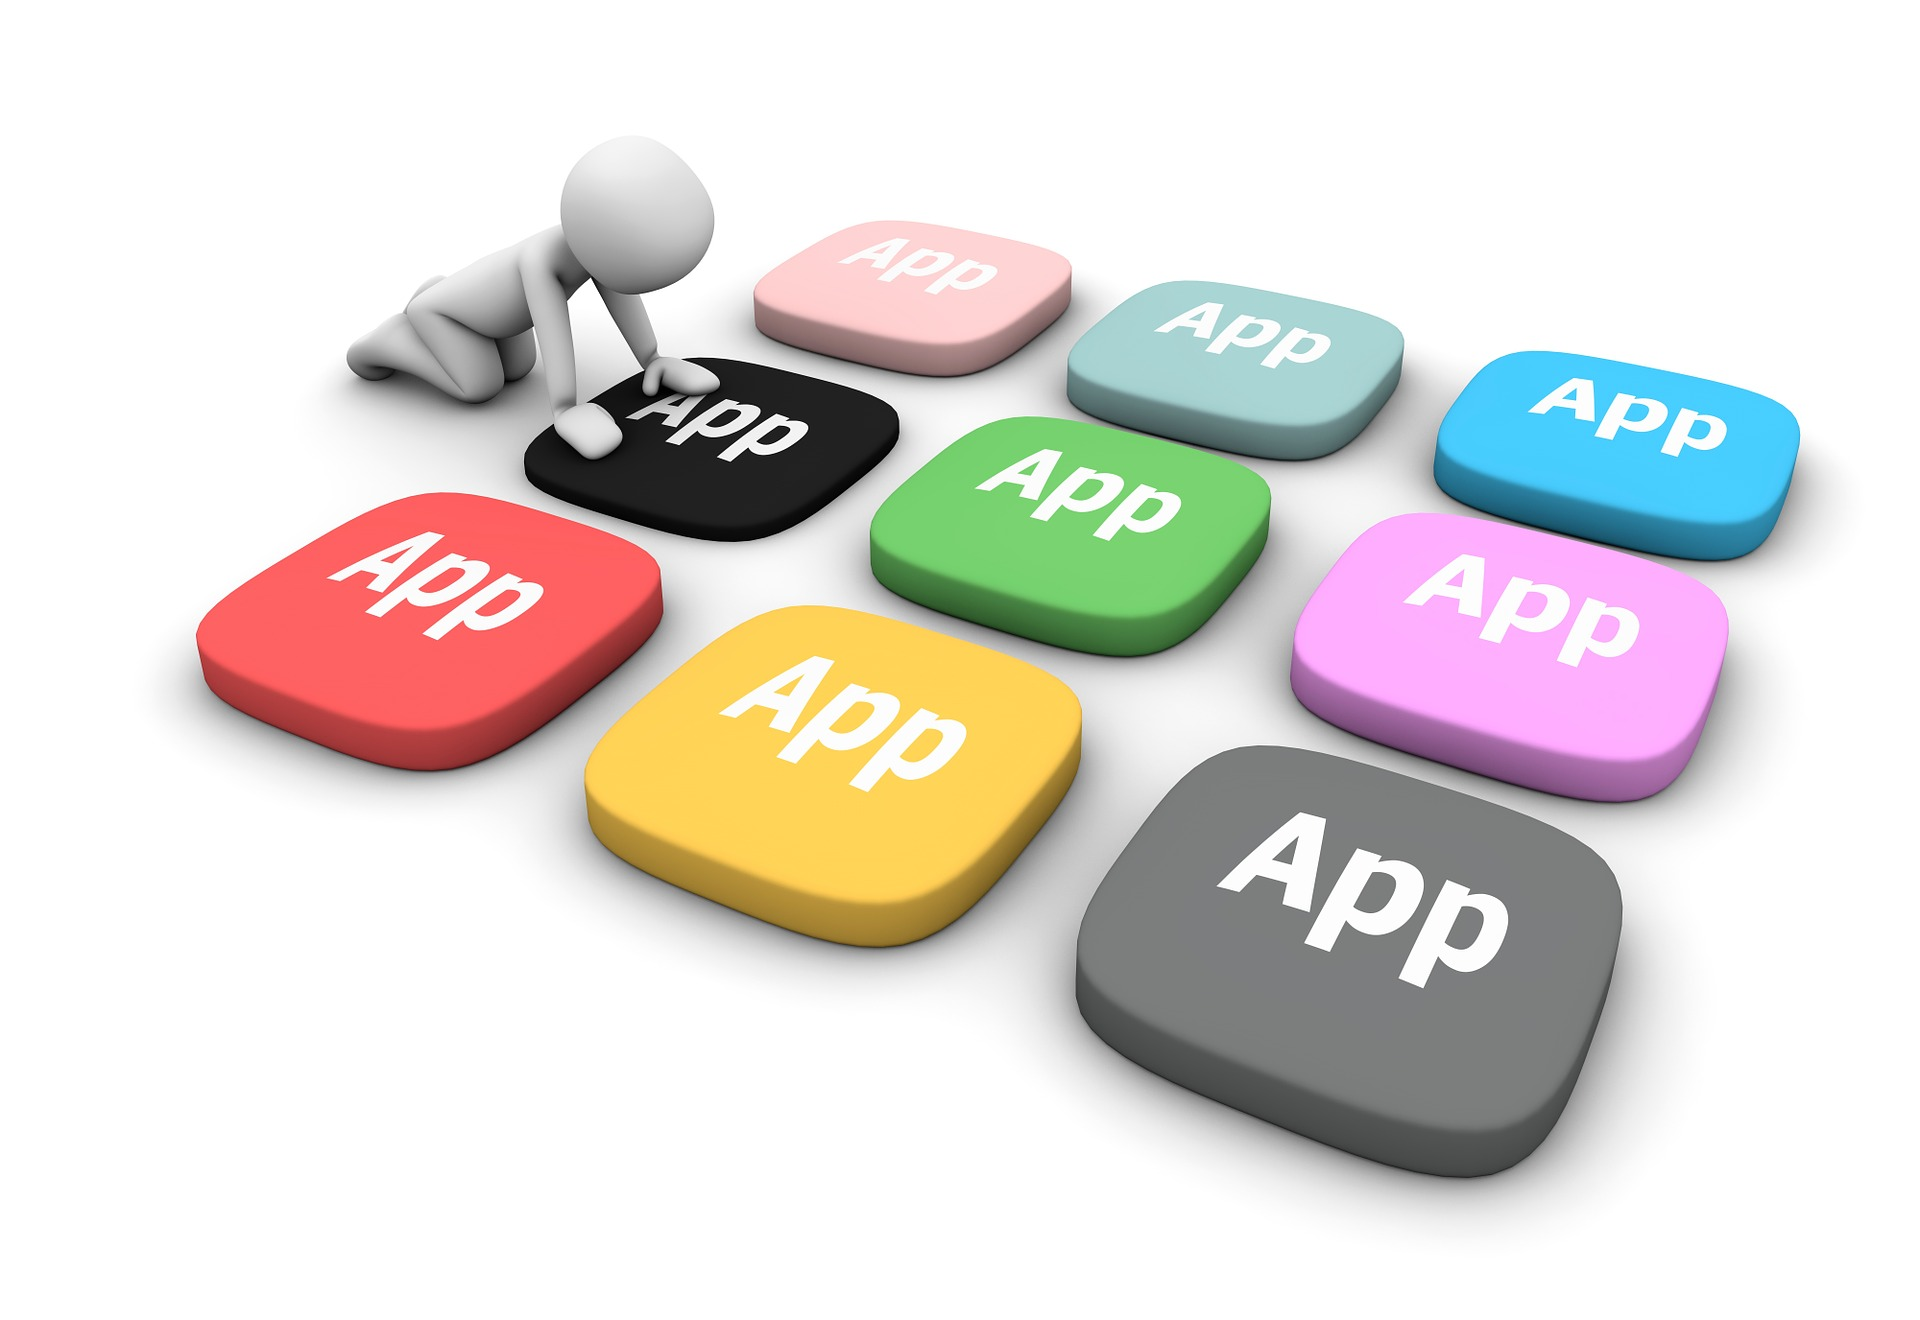 le App di iplat gestionale immobiliare gratuito